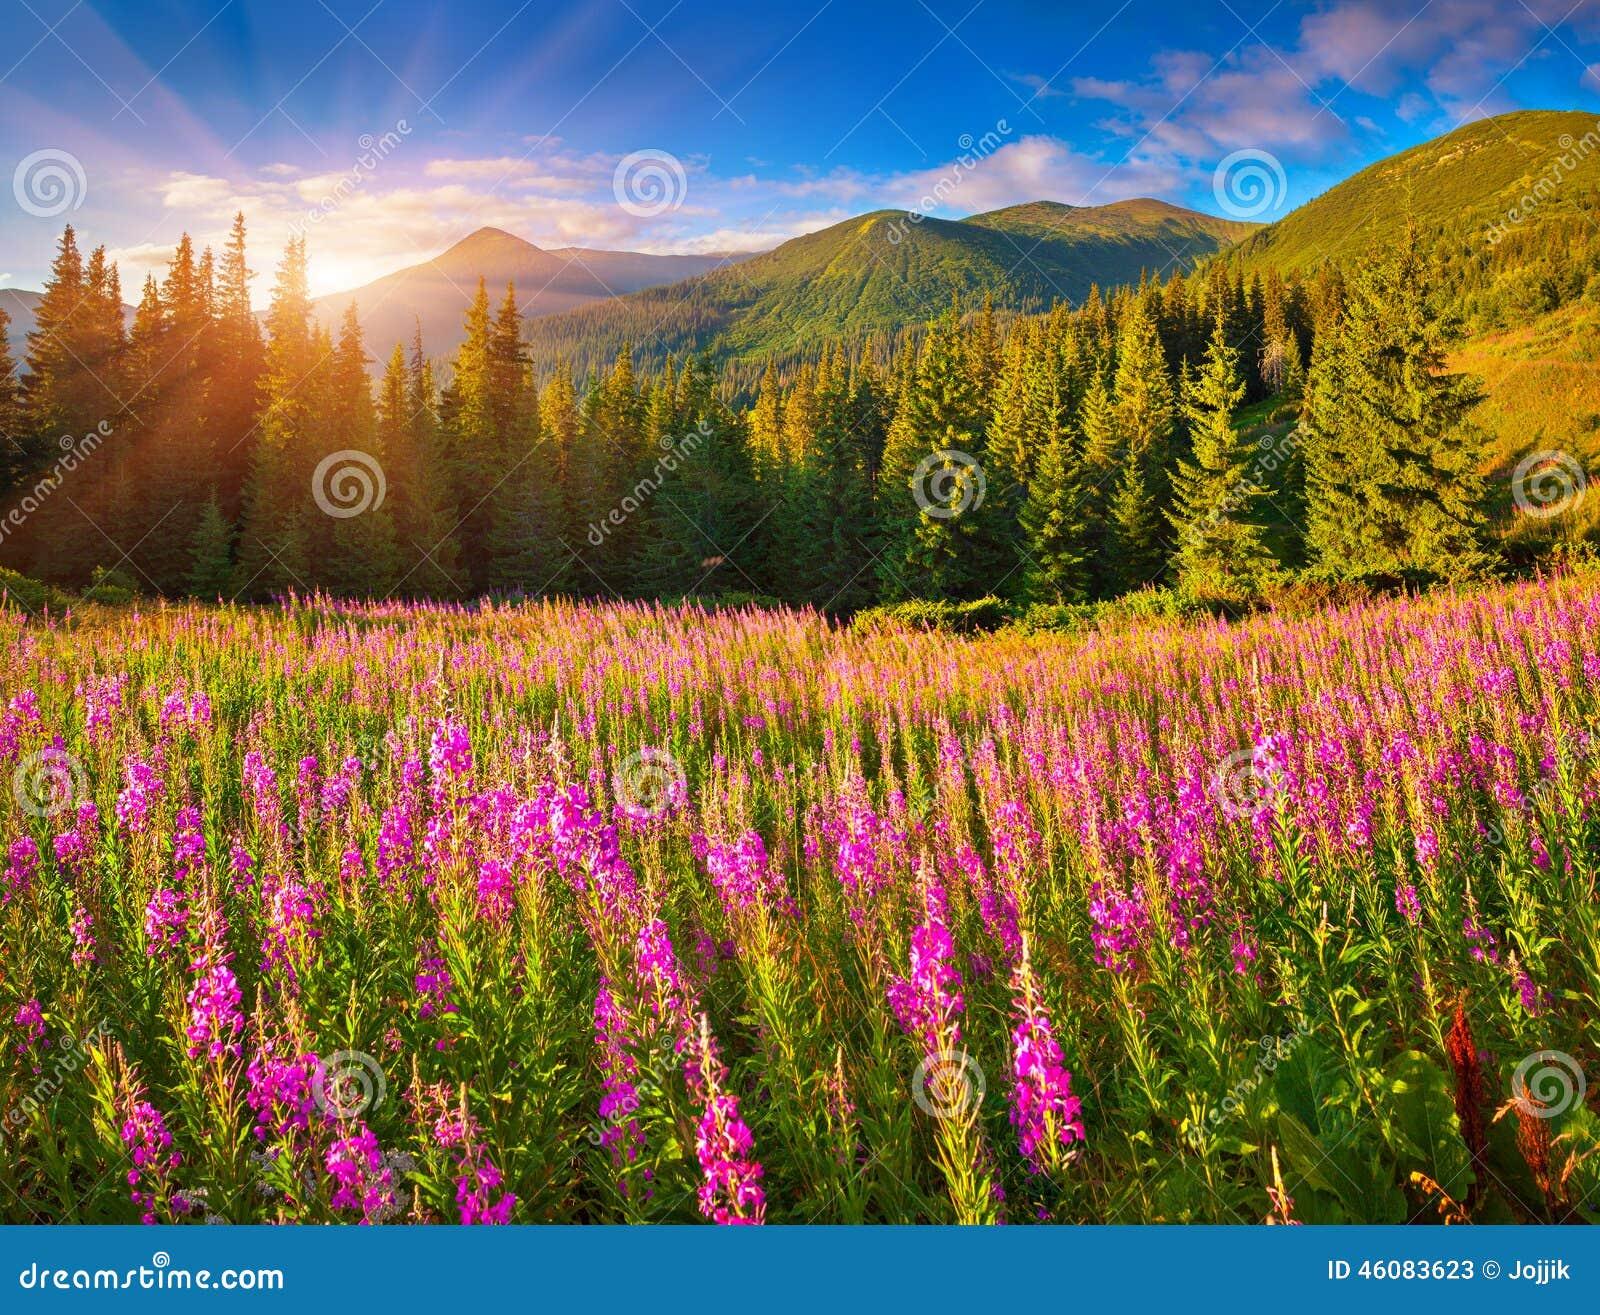 beau paysage d 39 automne en montagnes avec les fleurs roses image stock image du voyage automne. Black Bedroom Furniture Sets. Home Design Ideas